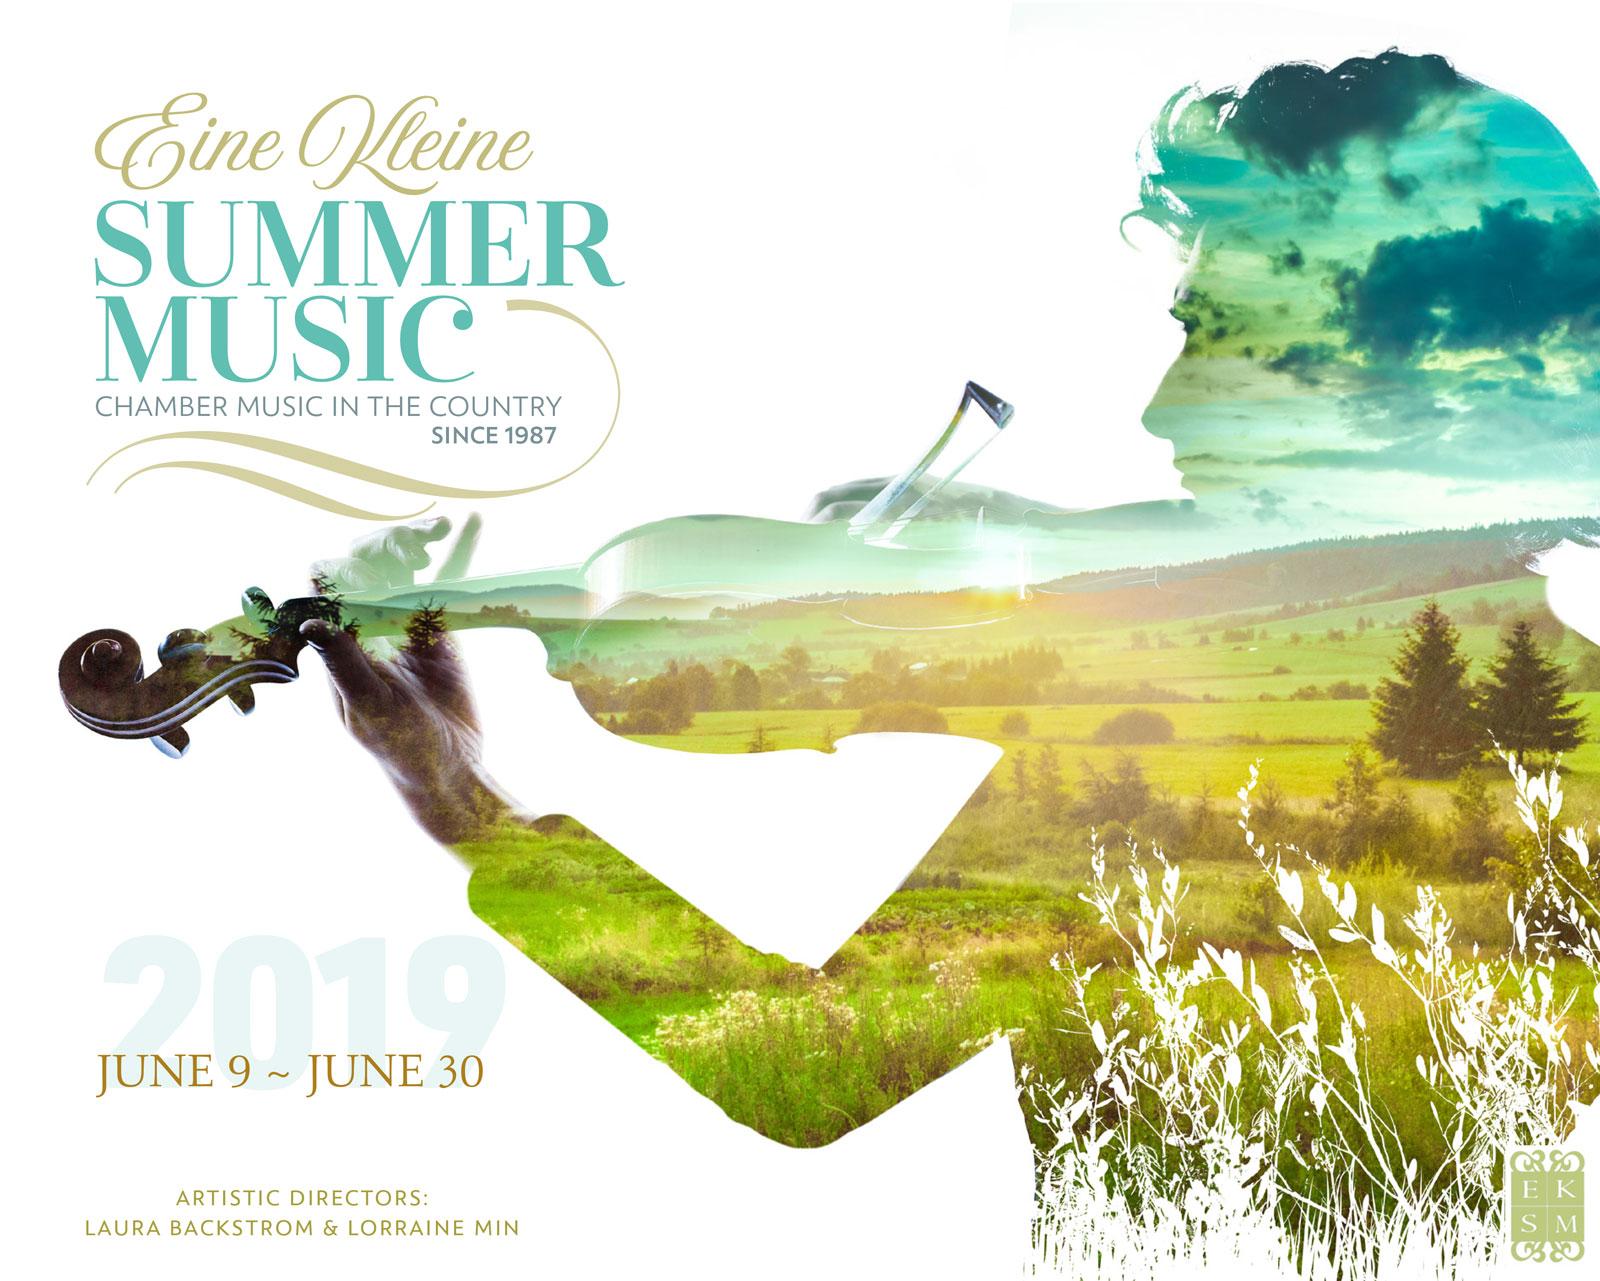 2019 poster EKSM Classical Summer Chamber Music Festival